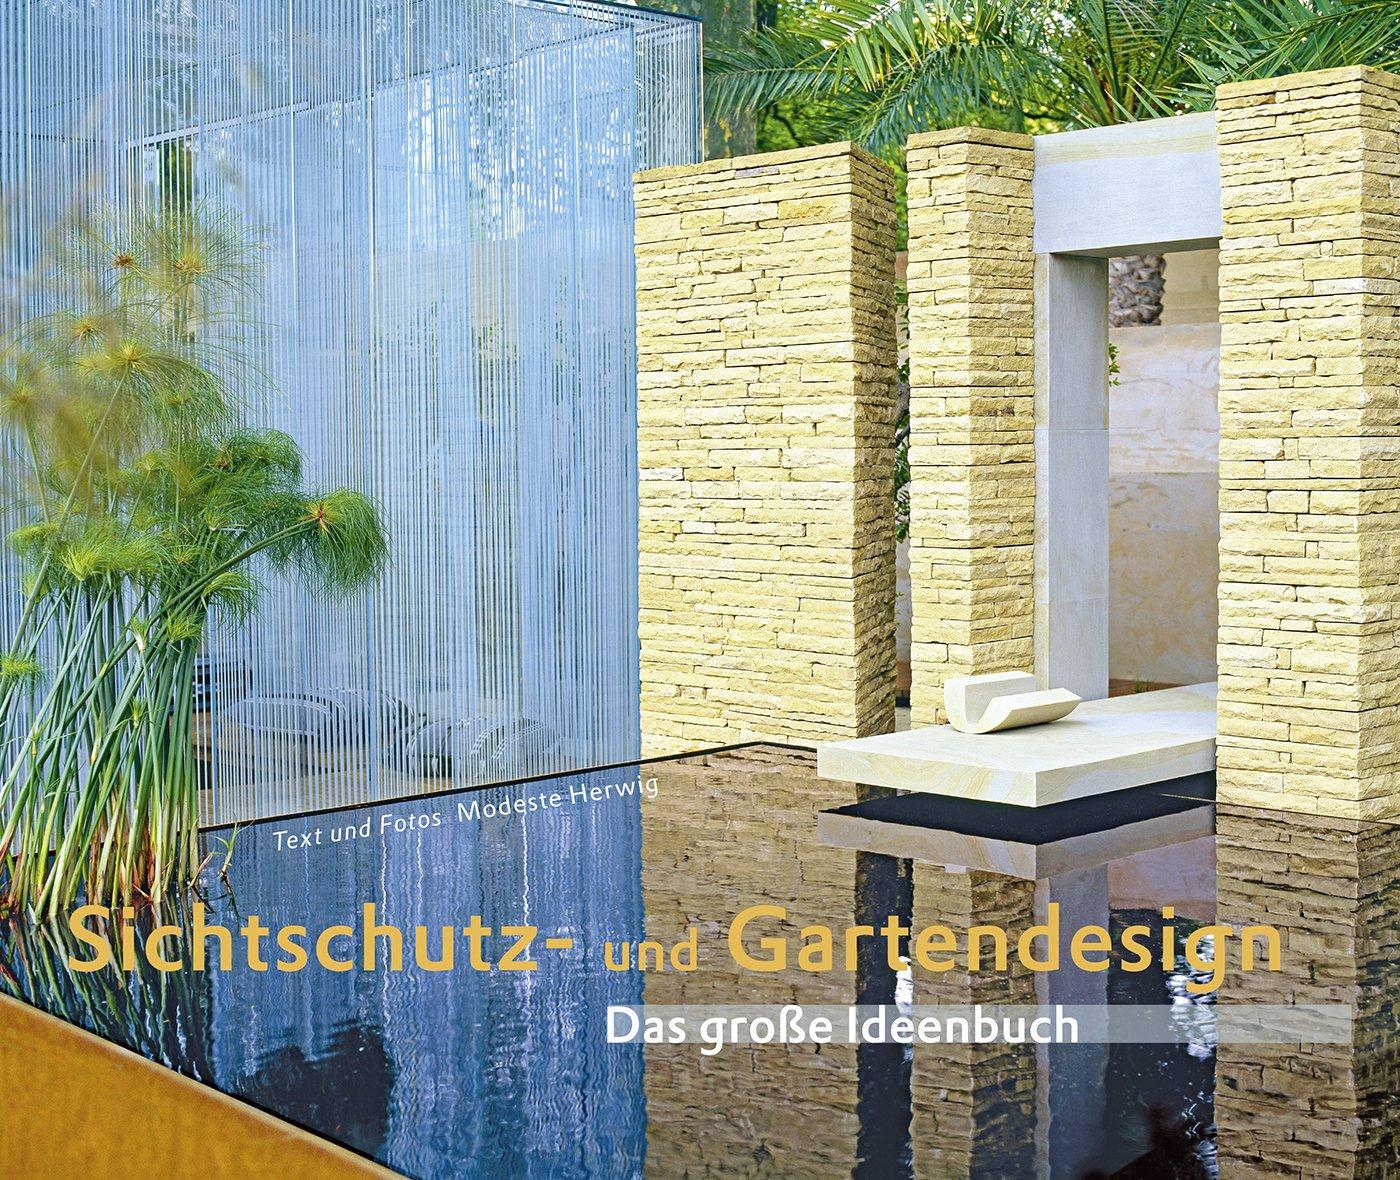 Sichtschutz und Gartendesign Garten und Ideenbücher BJVV